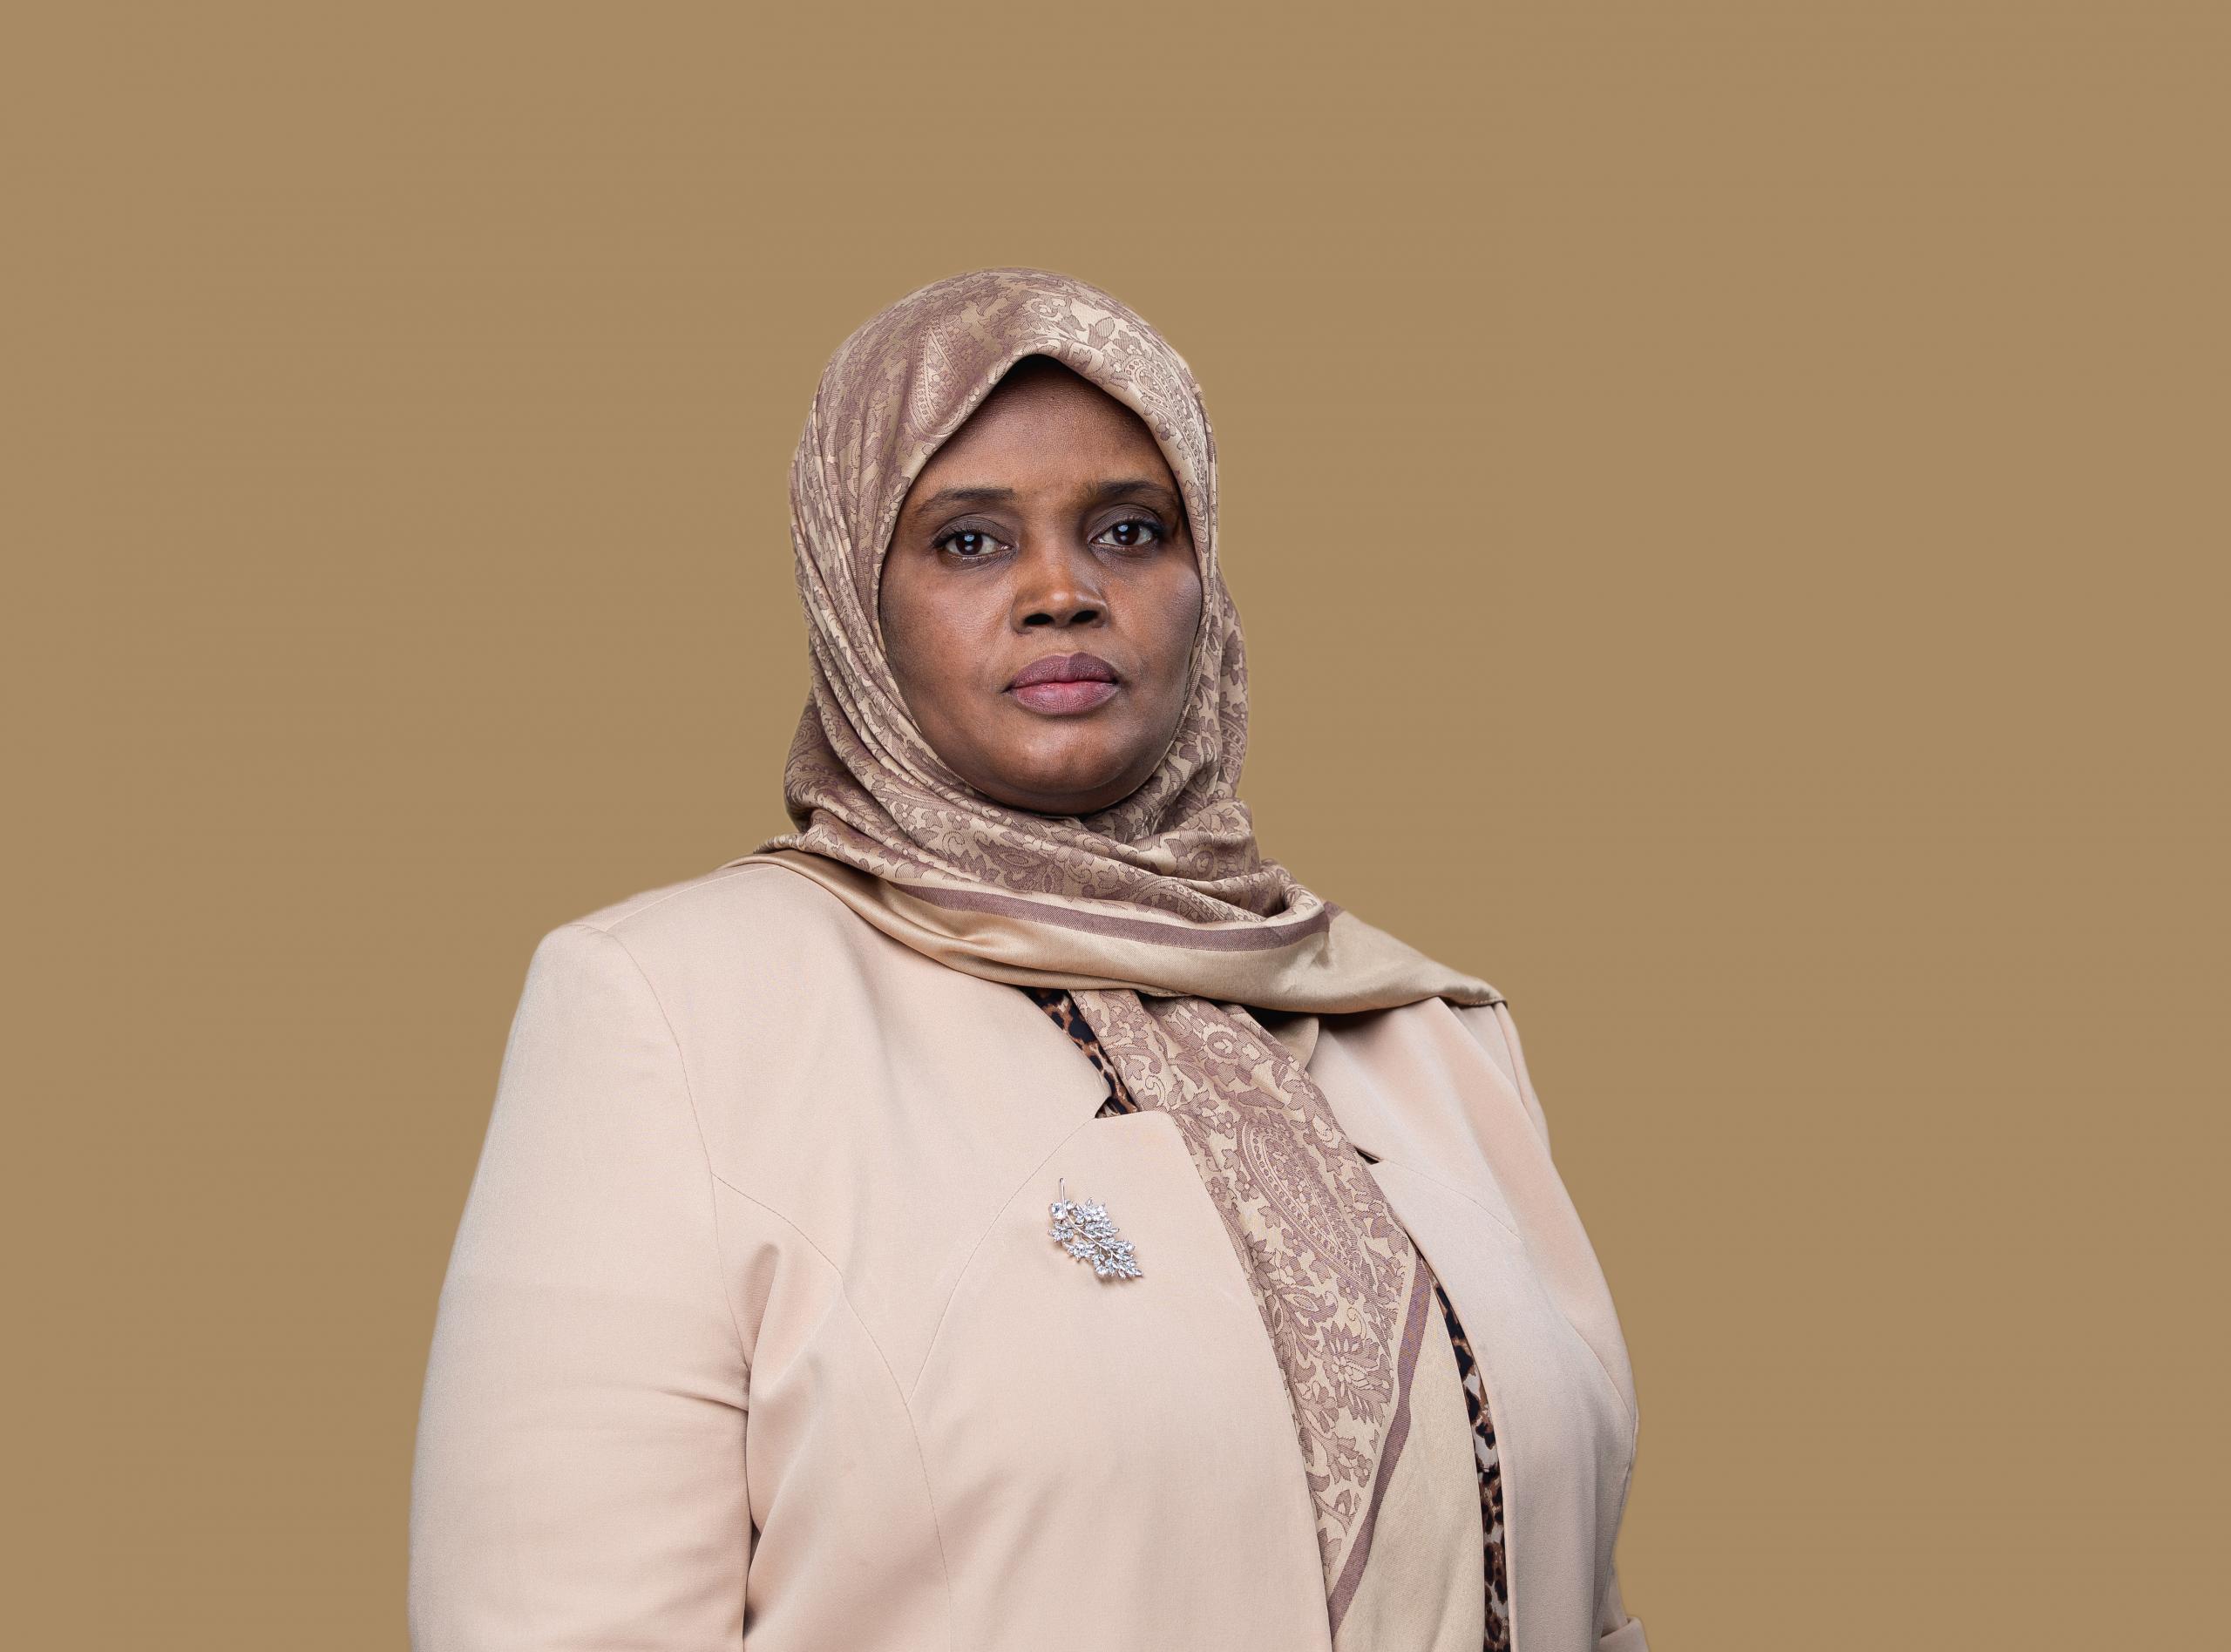 وزيرة الثقافة والتنمية المعرفية مبروكة توغي عثمان